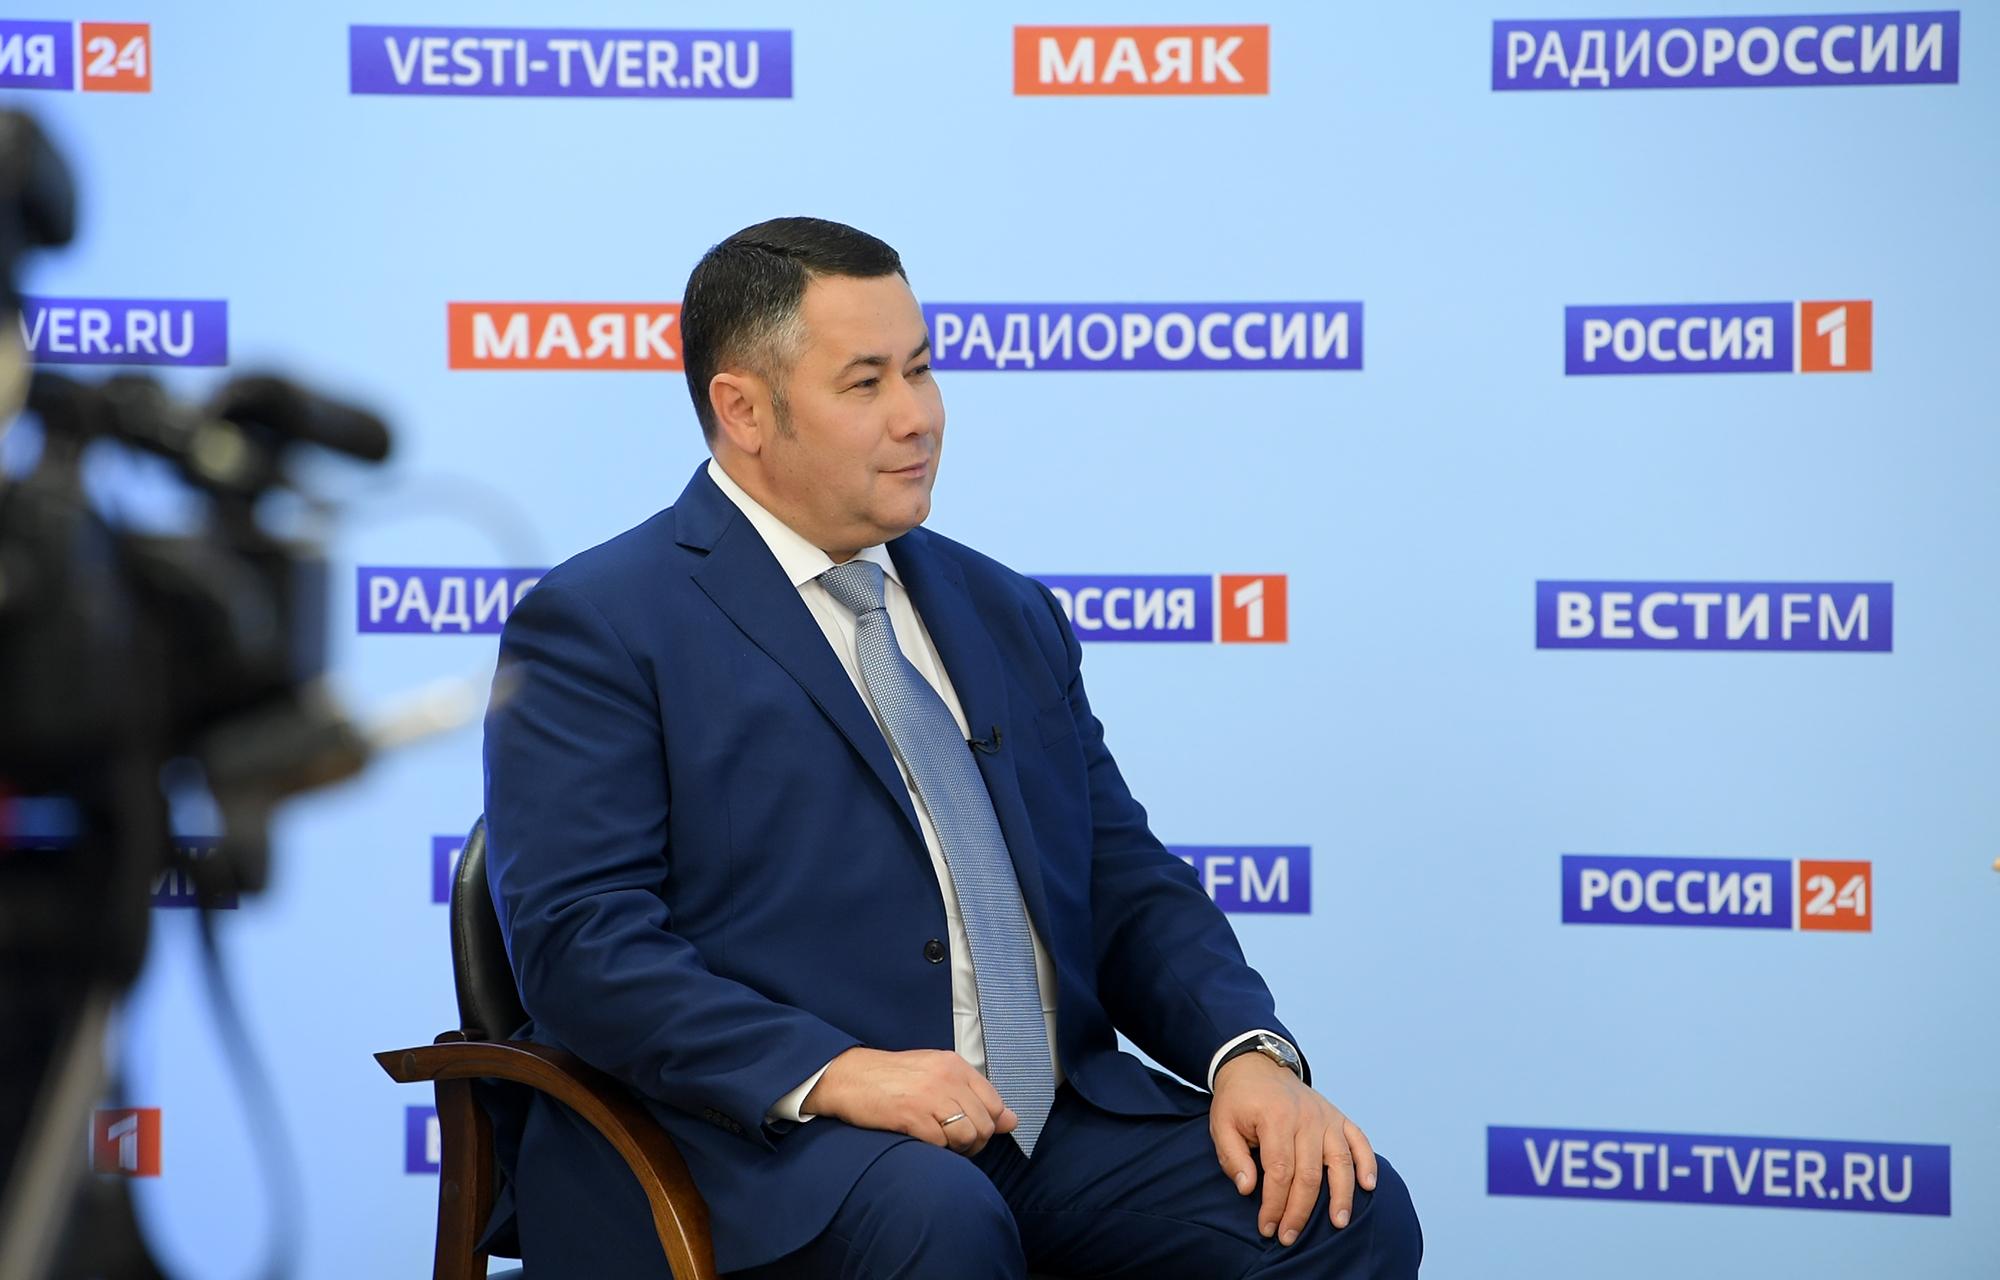 Прямой эфир с участием губернатора Игоря Рудени можно посмотреть онлайн